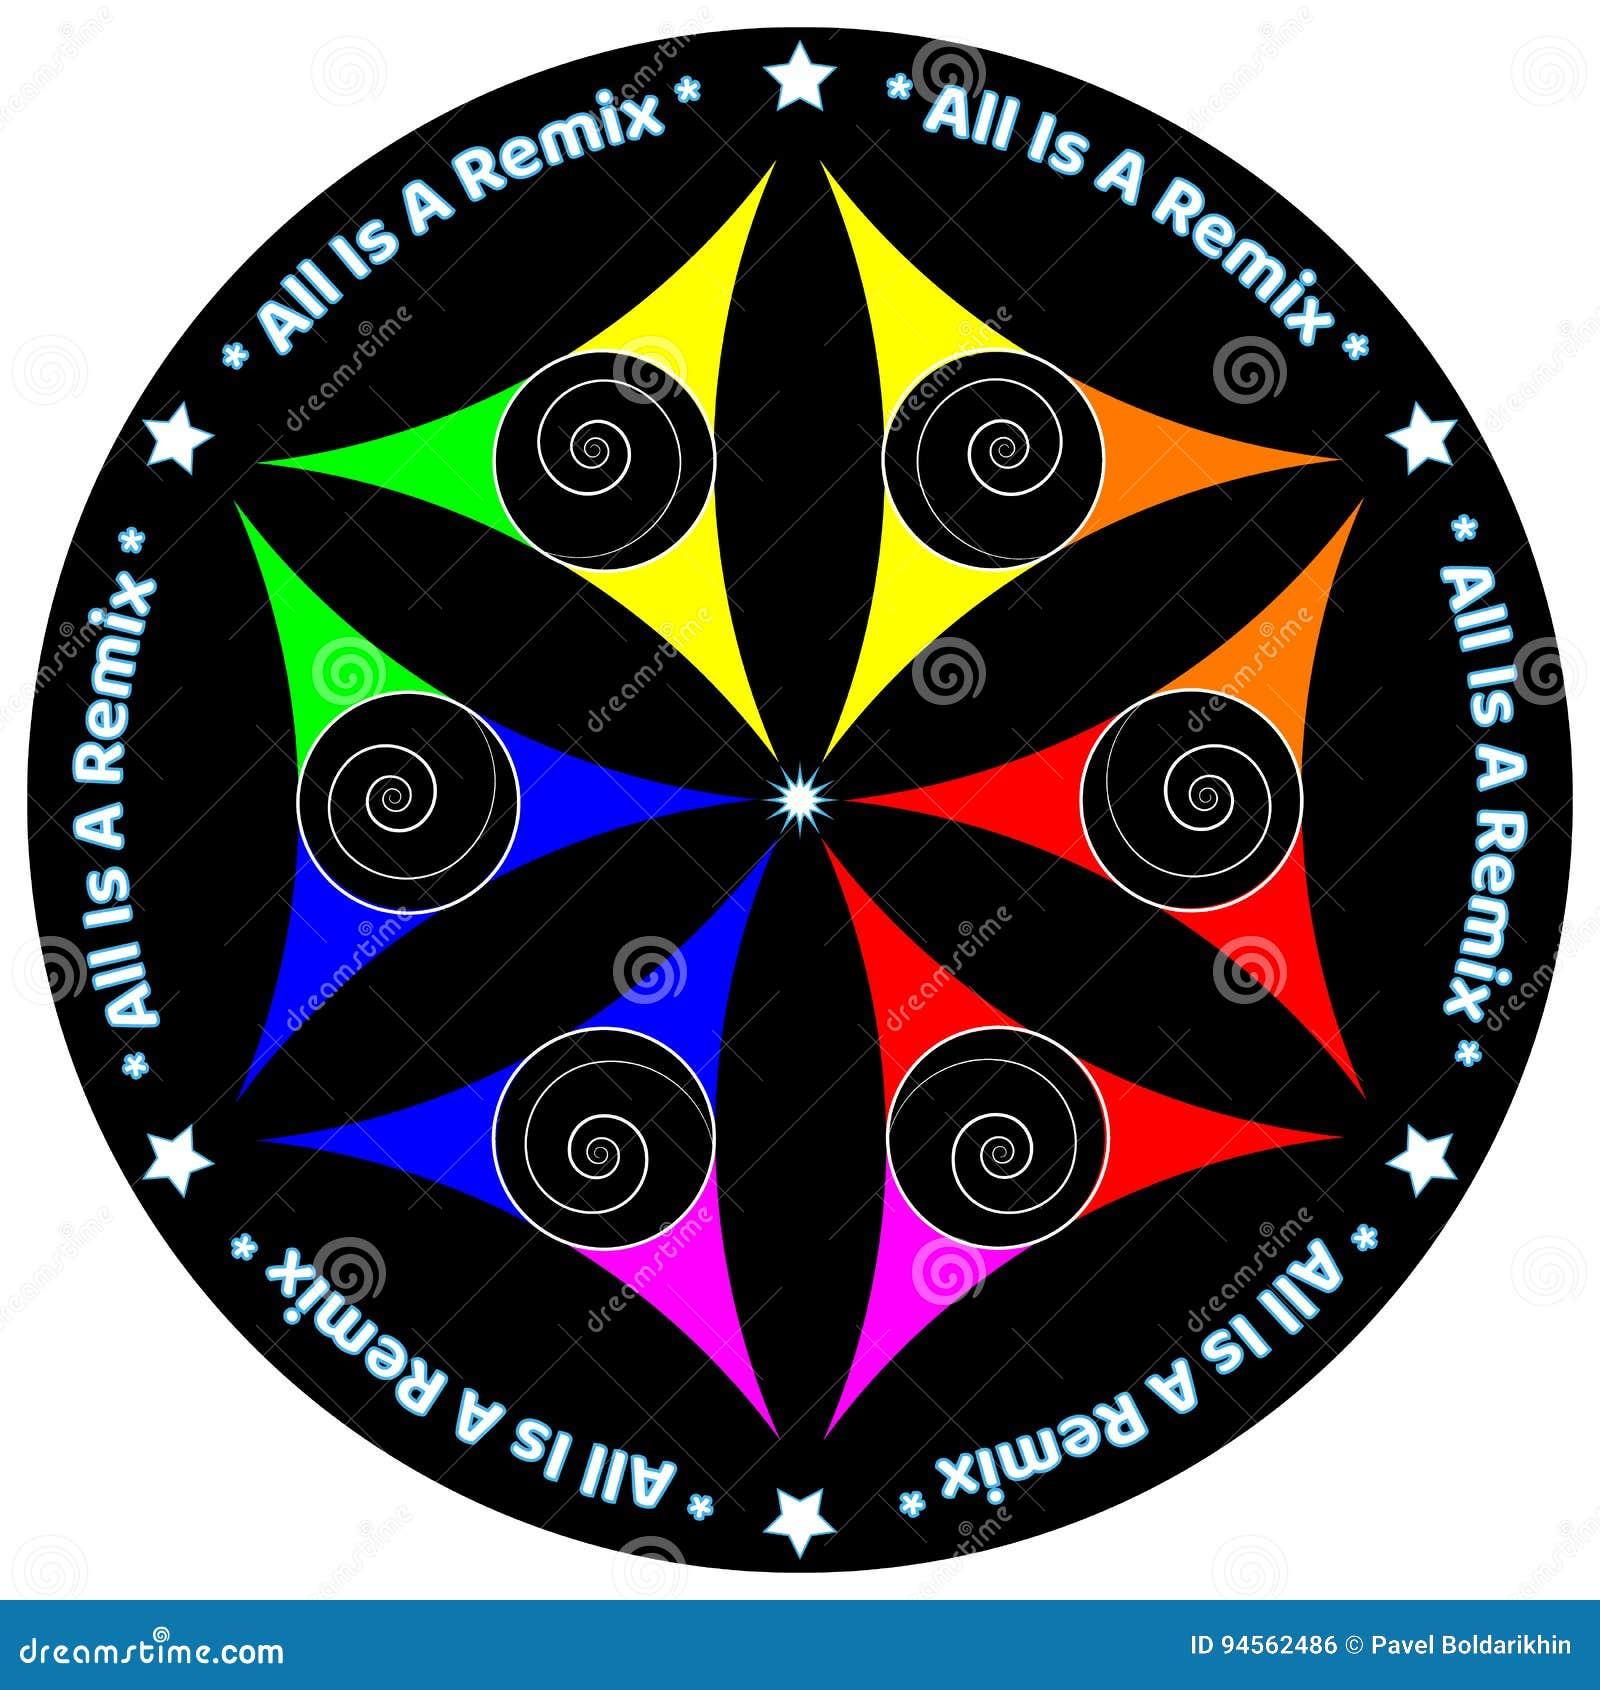 Mandala koloru pokoju miłości wszechrzeczy początek